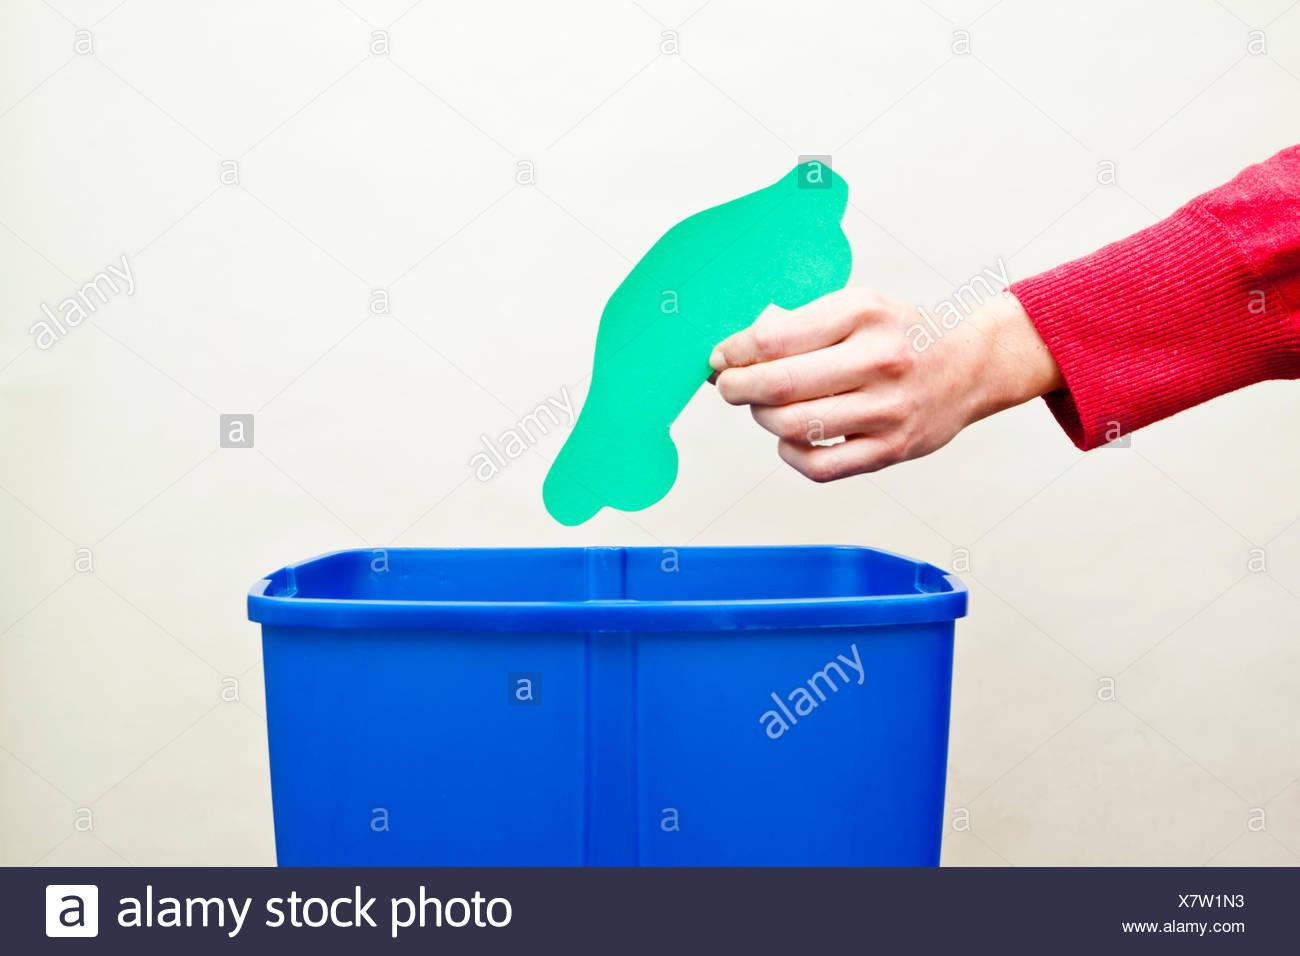 La main de femme voiture chute papier découpé en forme de bac de recyclage Photo Stock